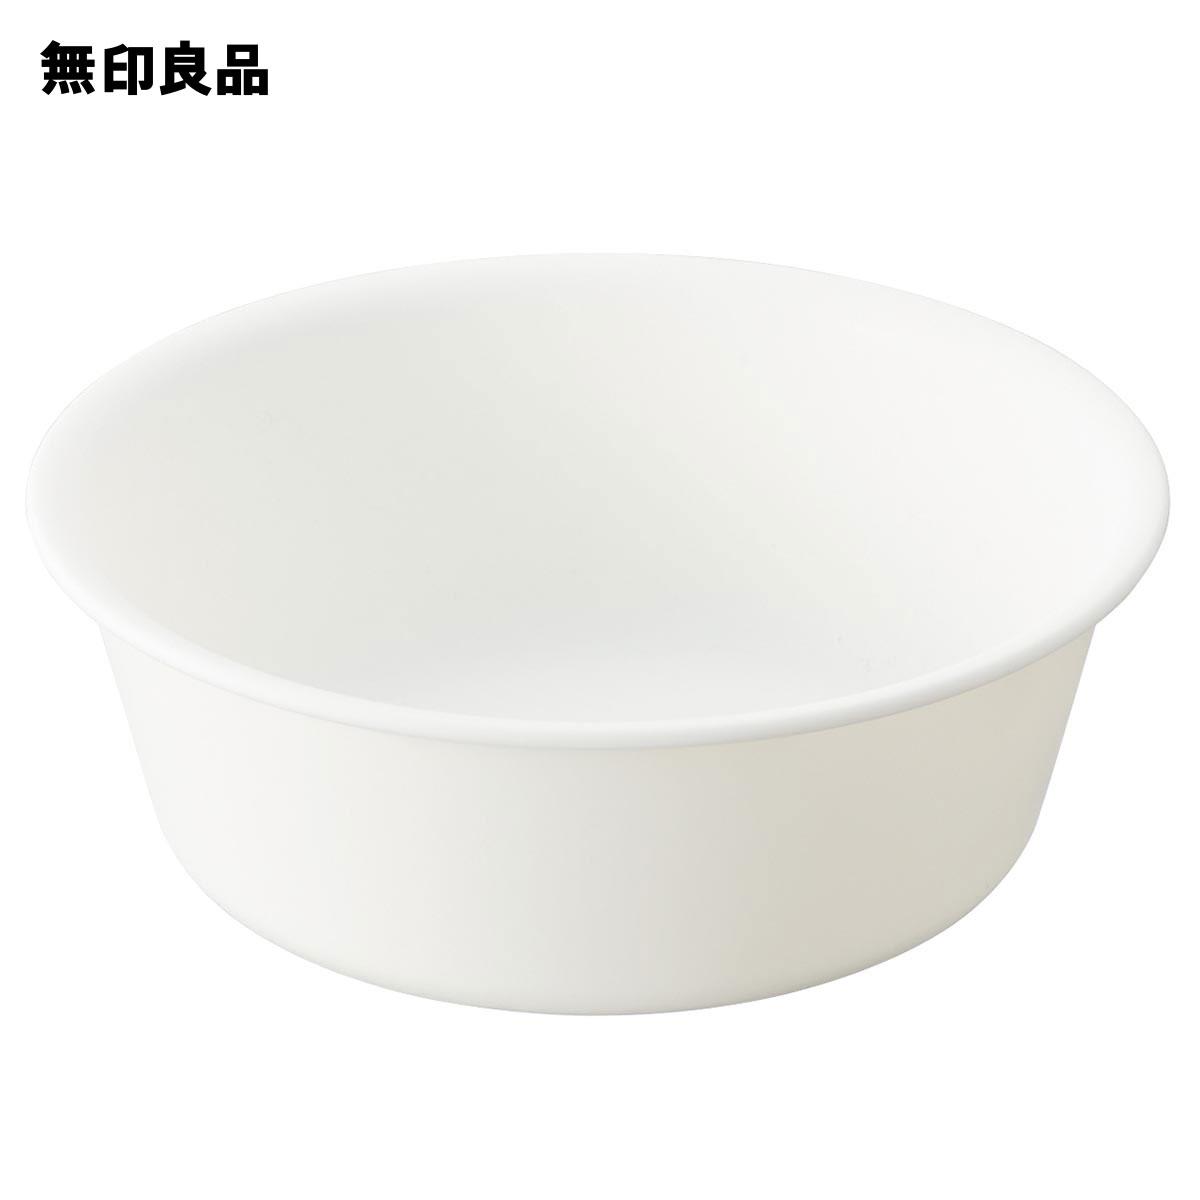 無印良品 公式 完全送料無料 ポリプロピレン湯桶 約直径26×高さ9cm 物品